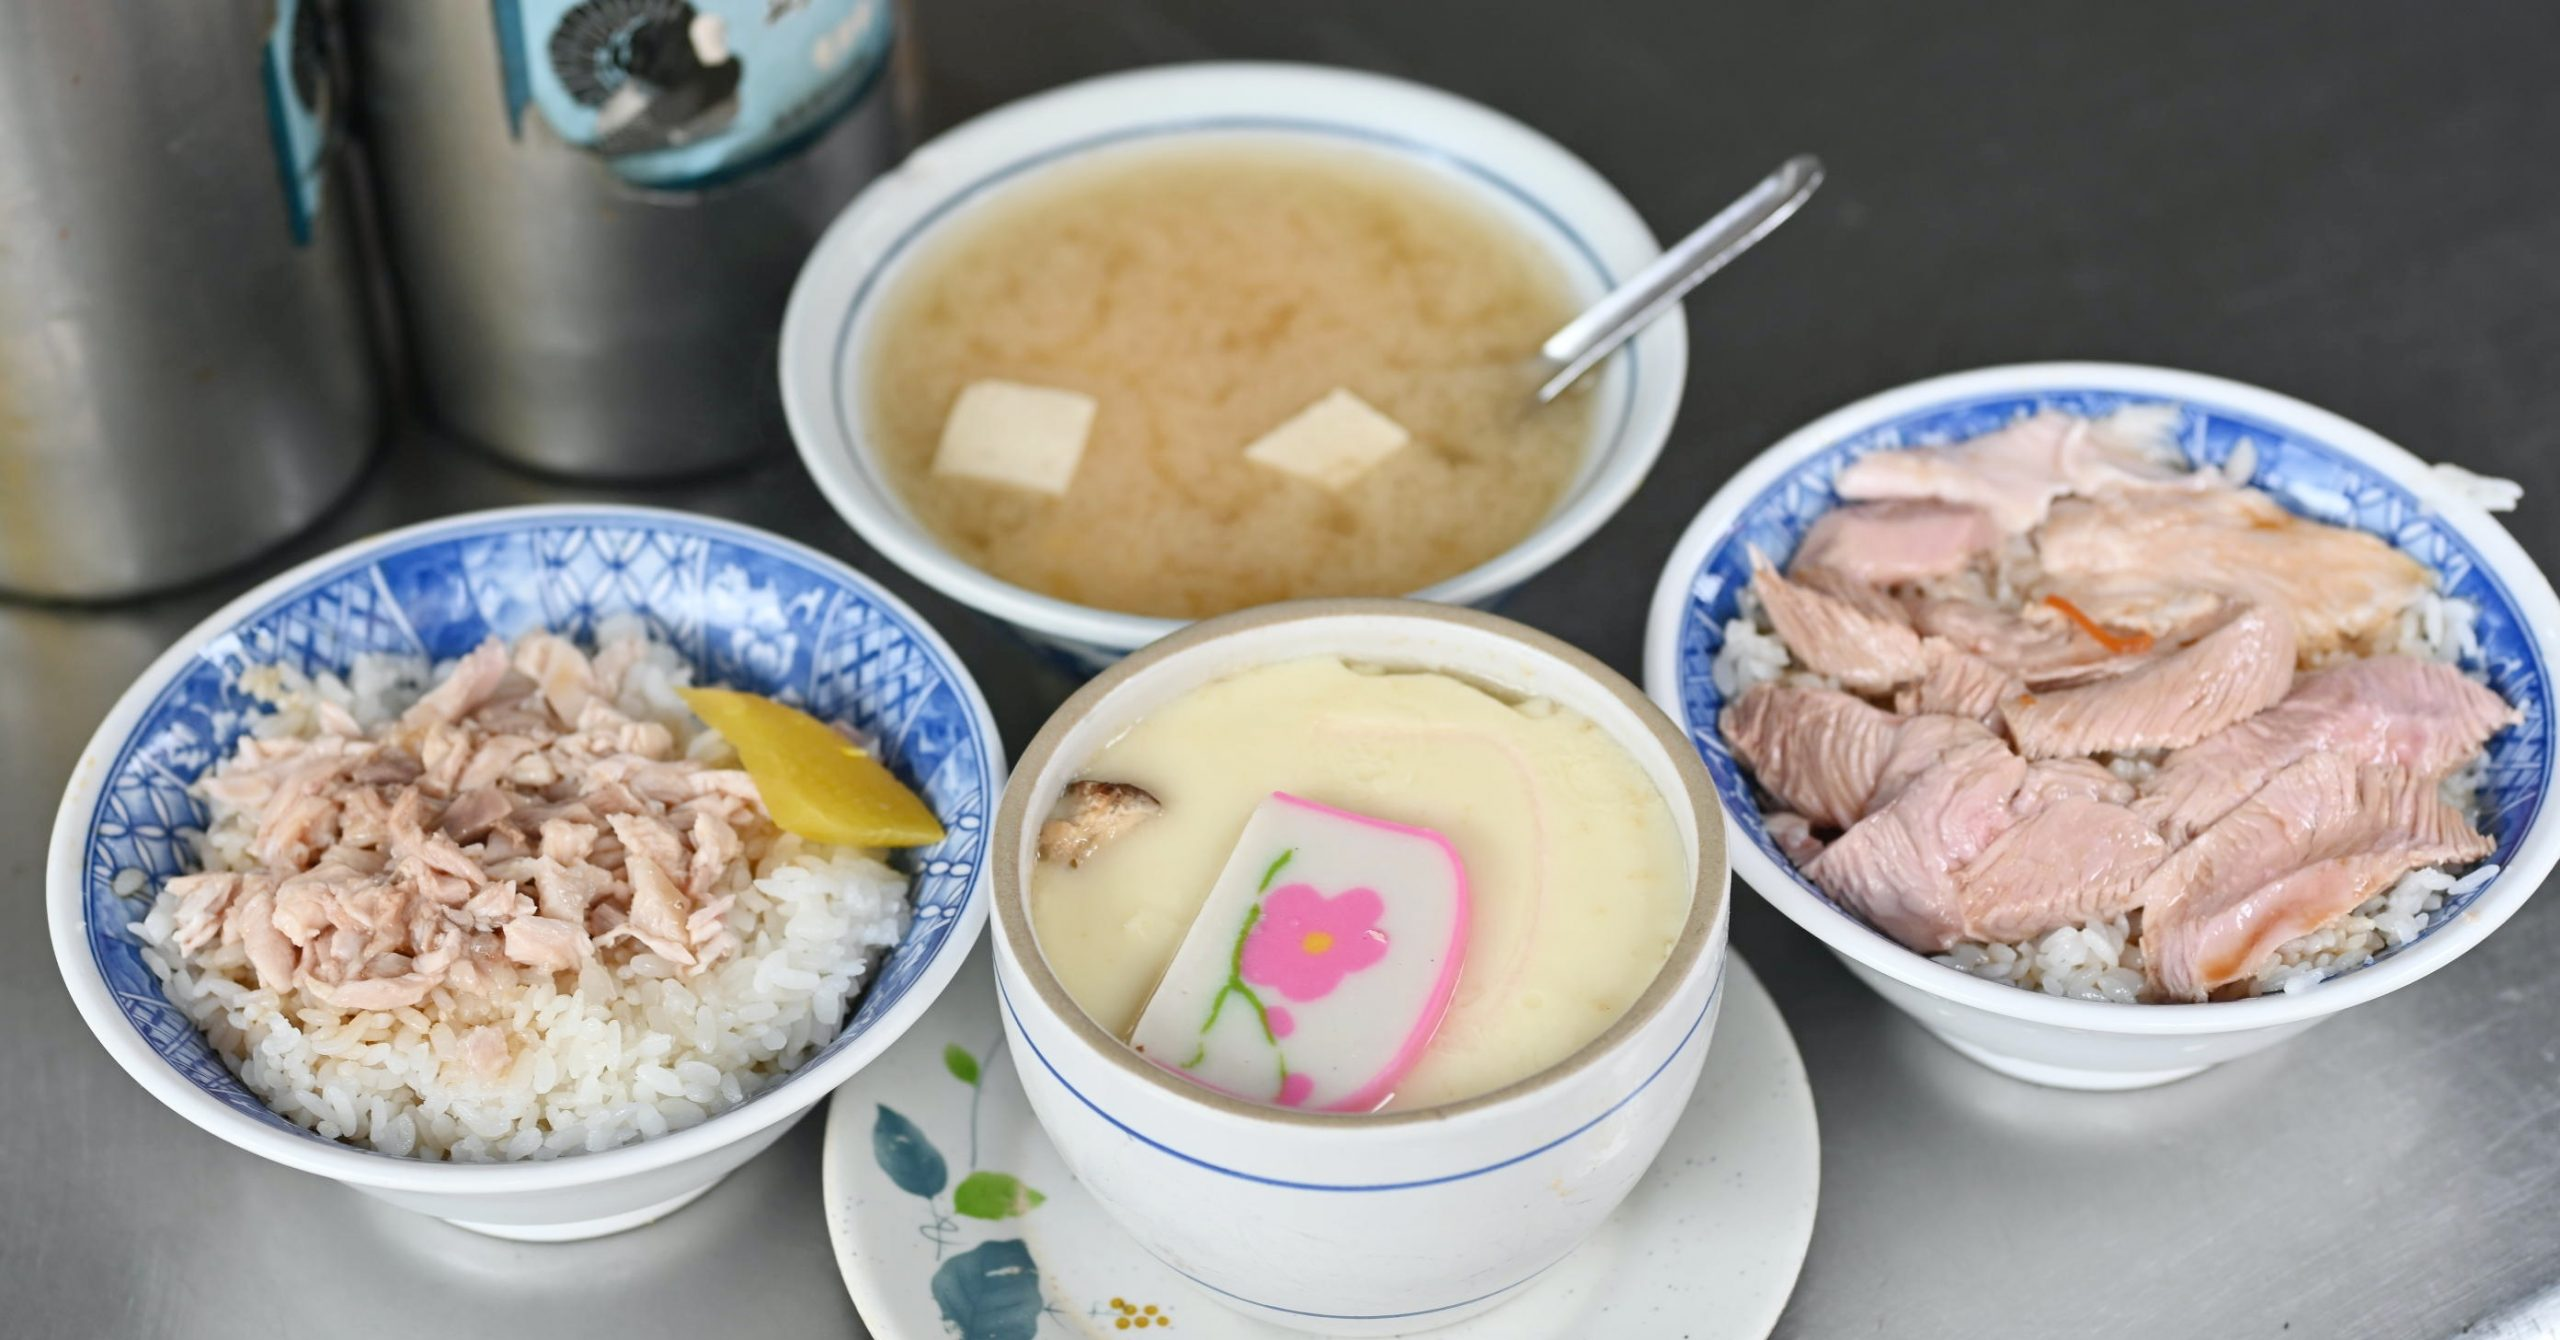 今日熱門文章:【嘉義火雞肉飯推薦】頭家火雞肉飯,市場內的美味雞肉飯